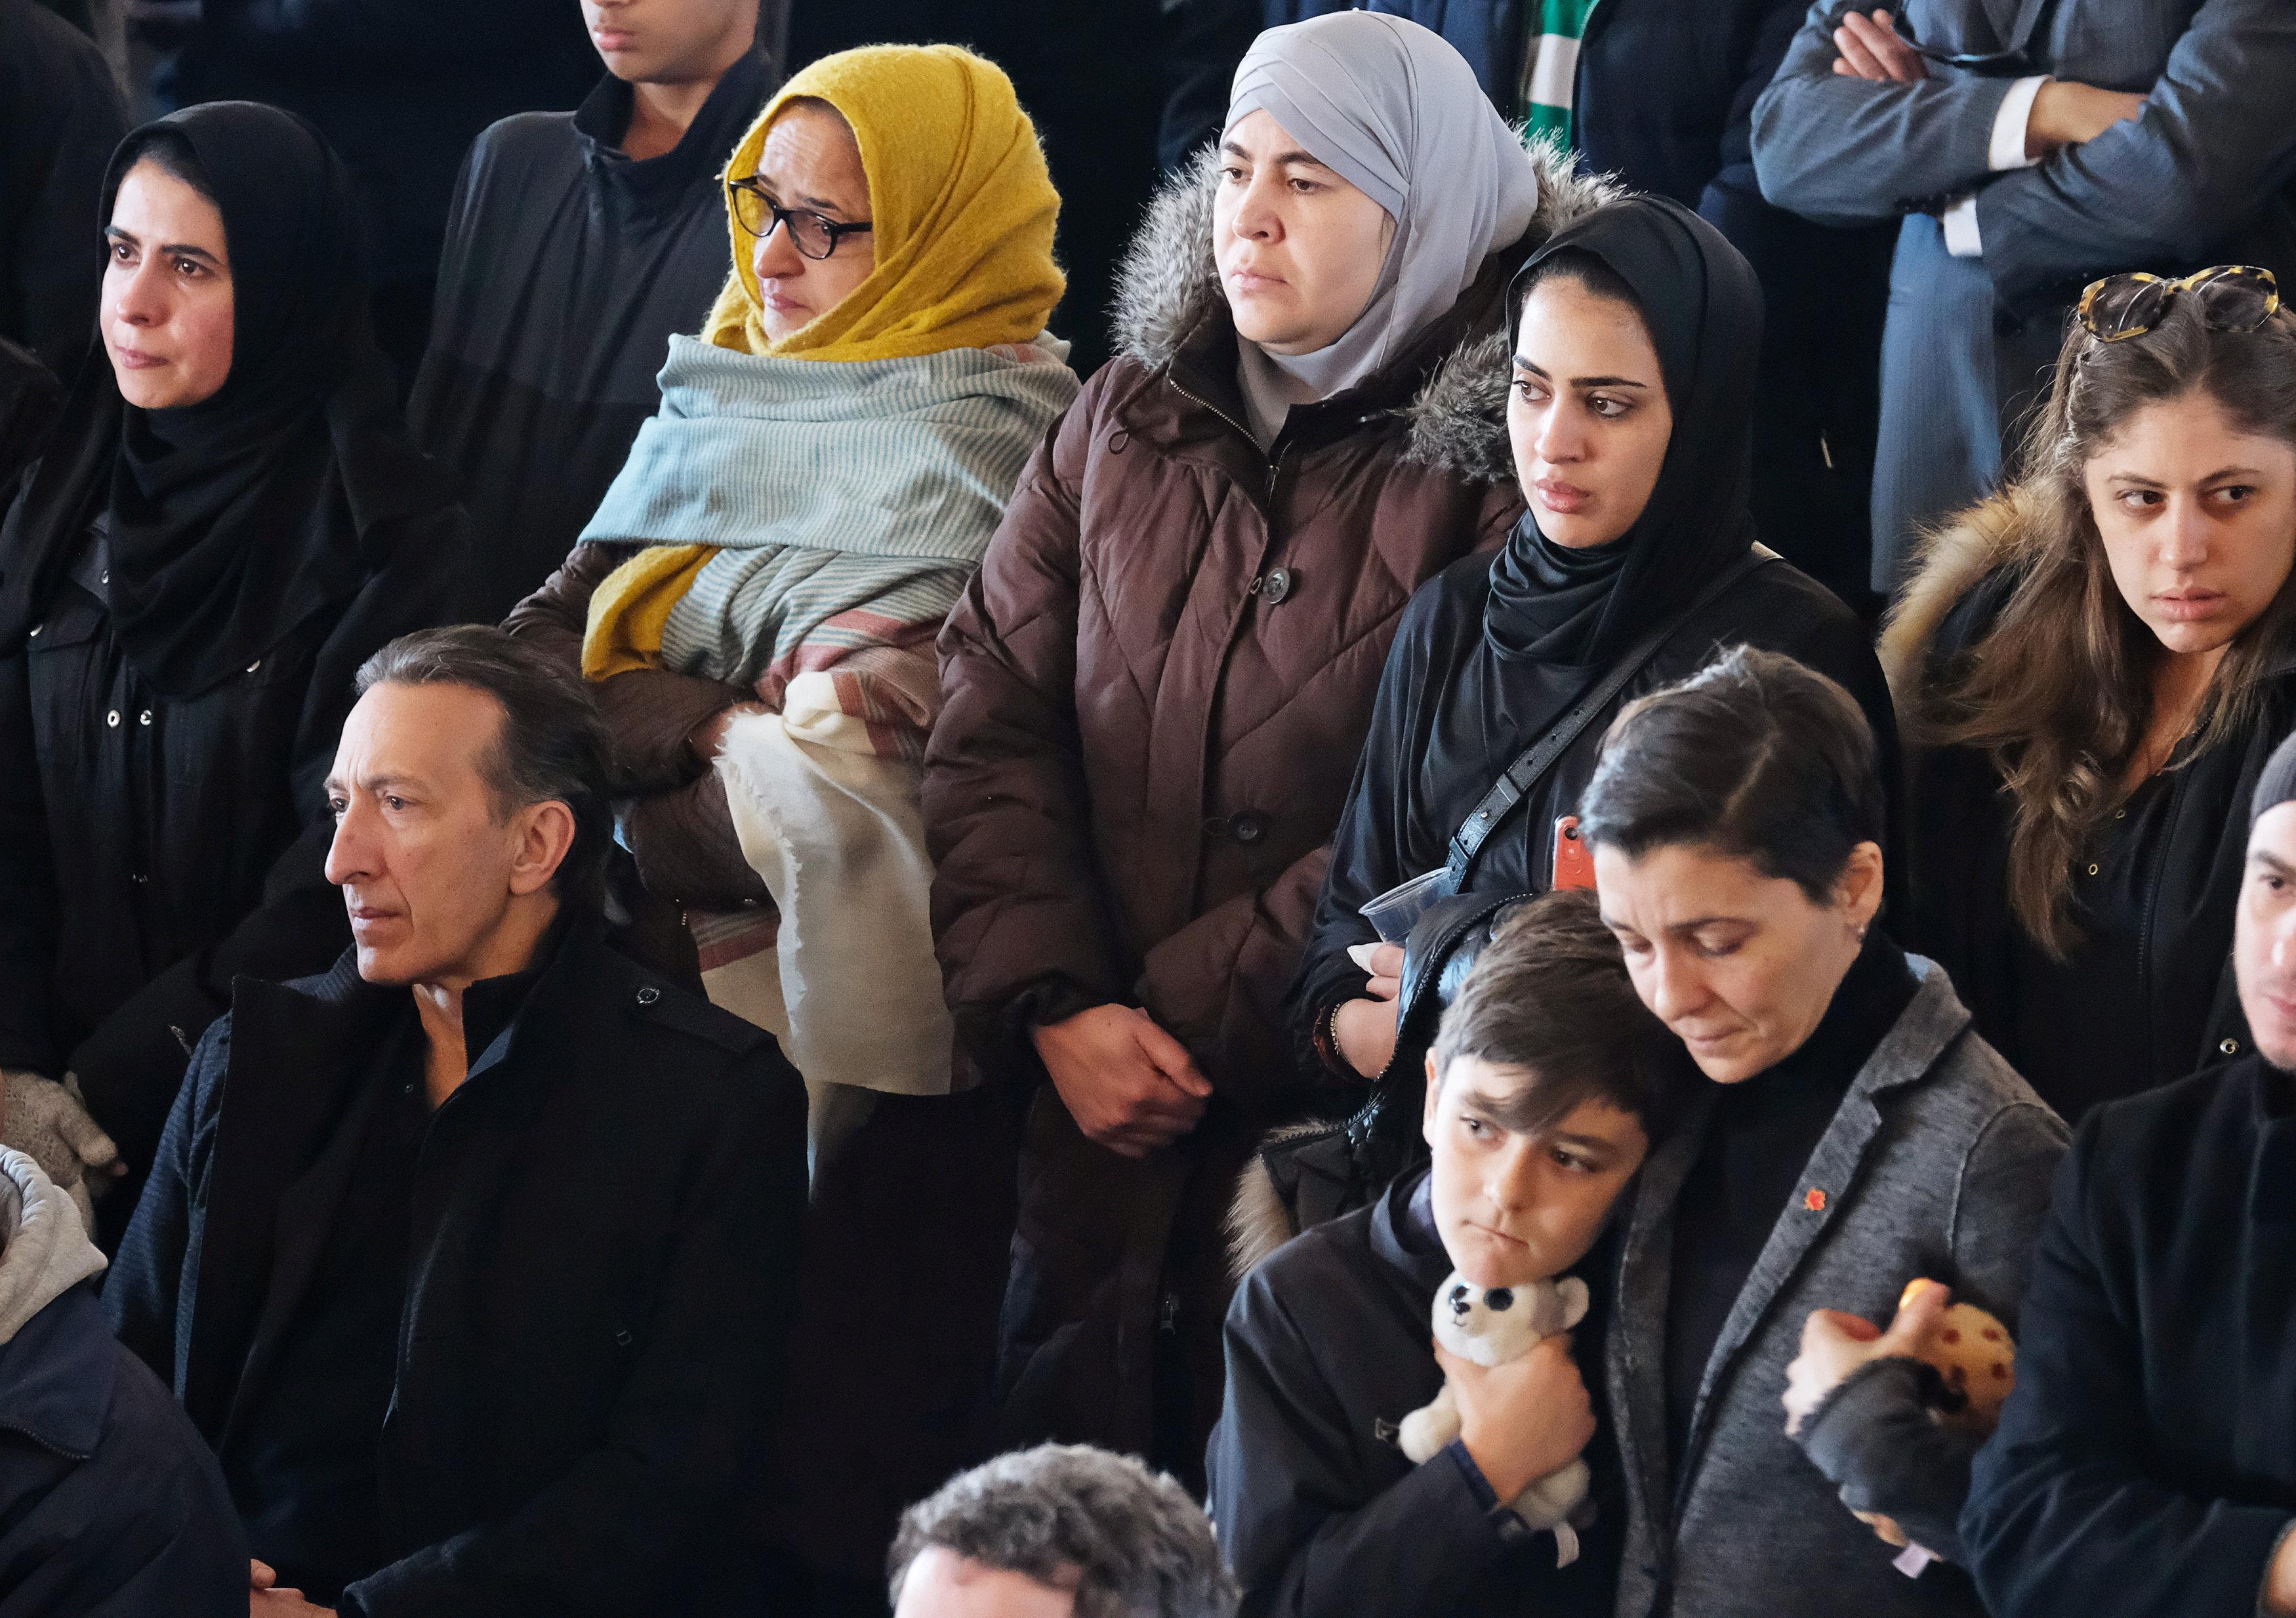 تشييع جثامين أطفال سوريين بكندا (3)